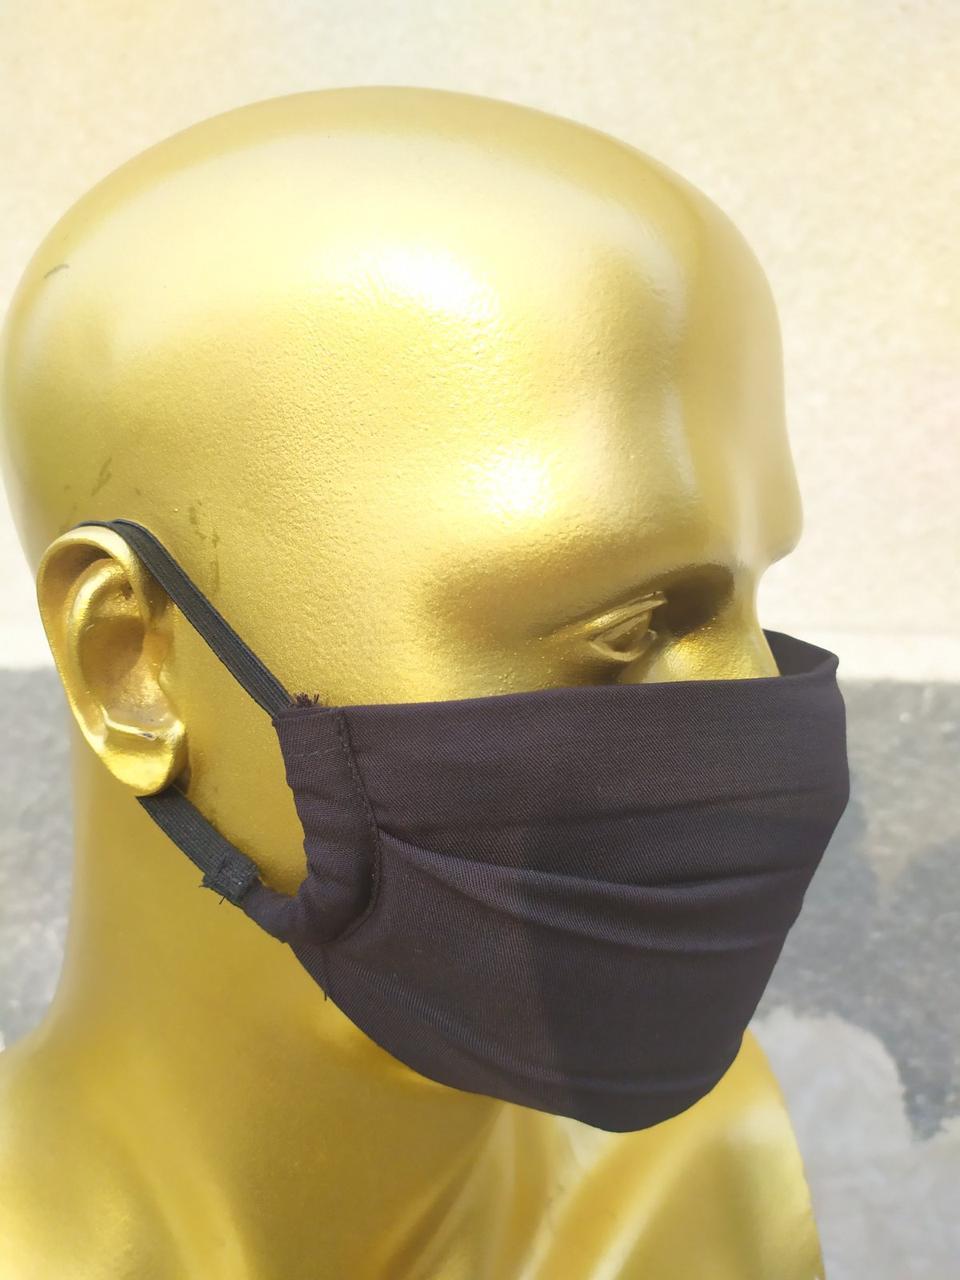 Пітта-маска NeoStripe багаторазова 3-шарова (100% віскоза з неопренової вставкою) (NS100301B)